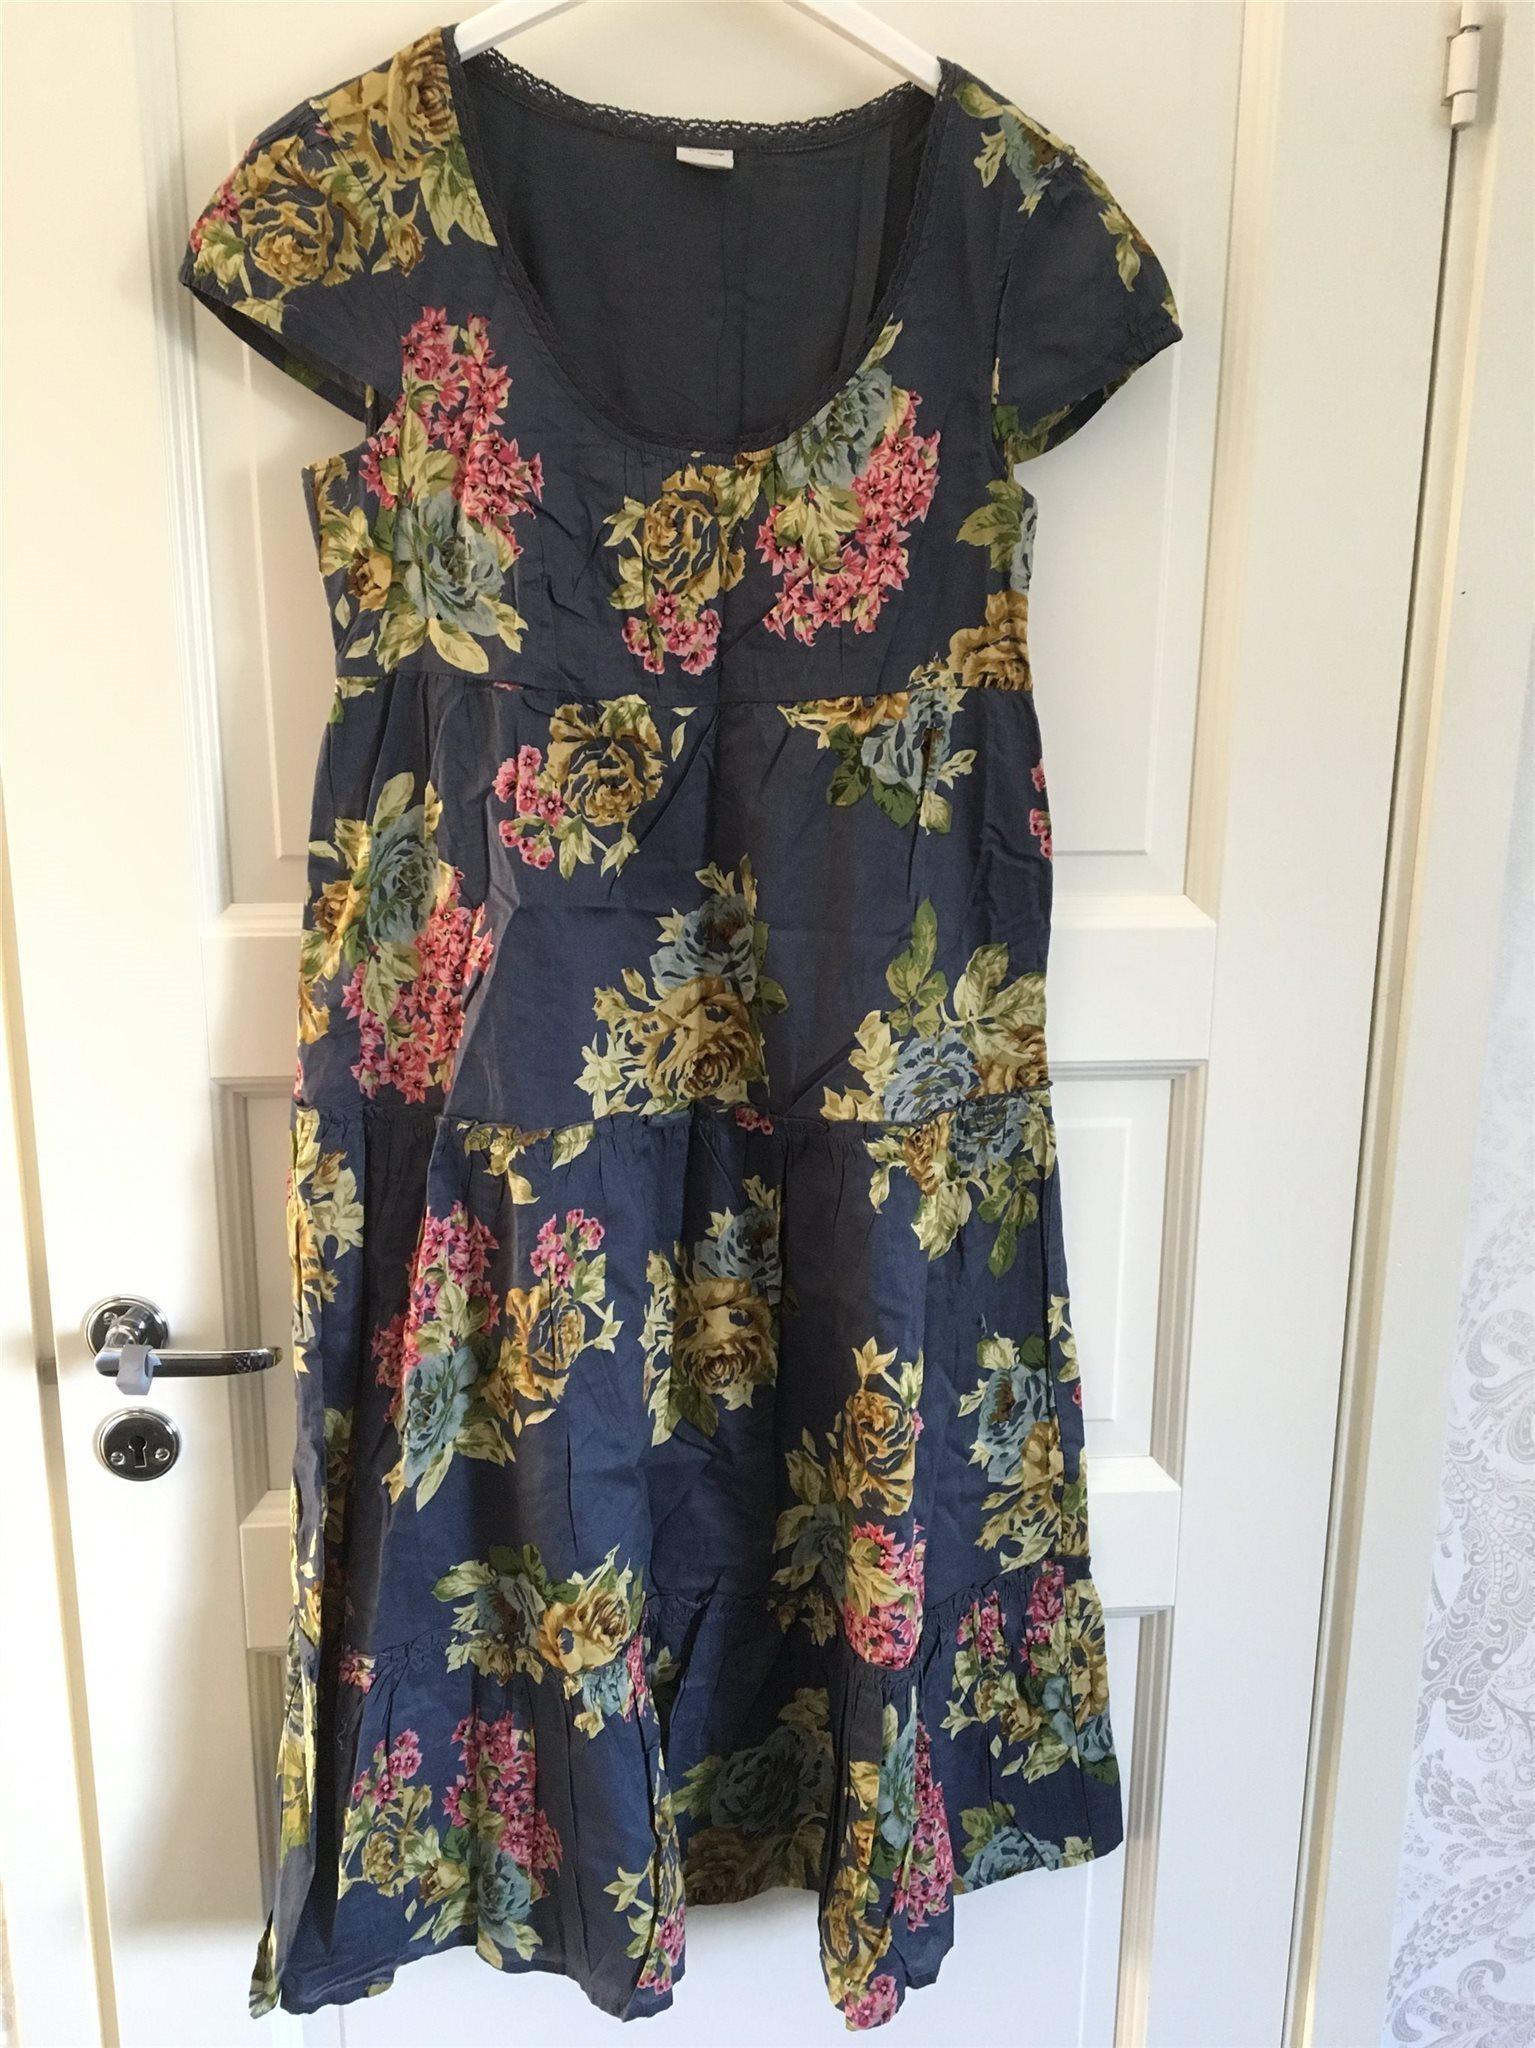 1d45f34735c0 NY/OANVÄND klänning ESPRIT, blommig, stl. 40 (348336544) ᐈ Köp på ...